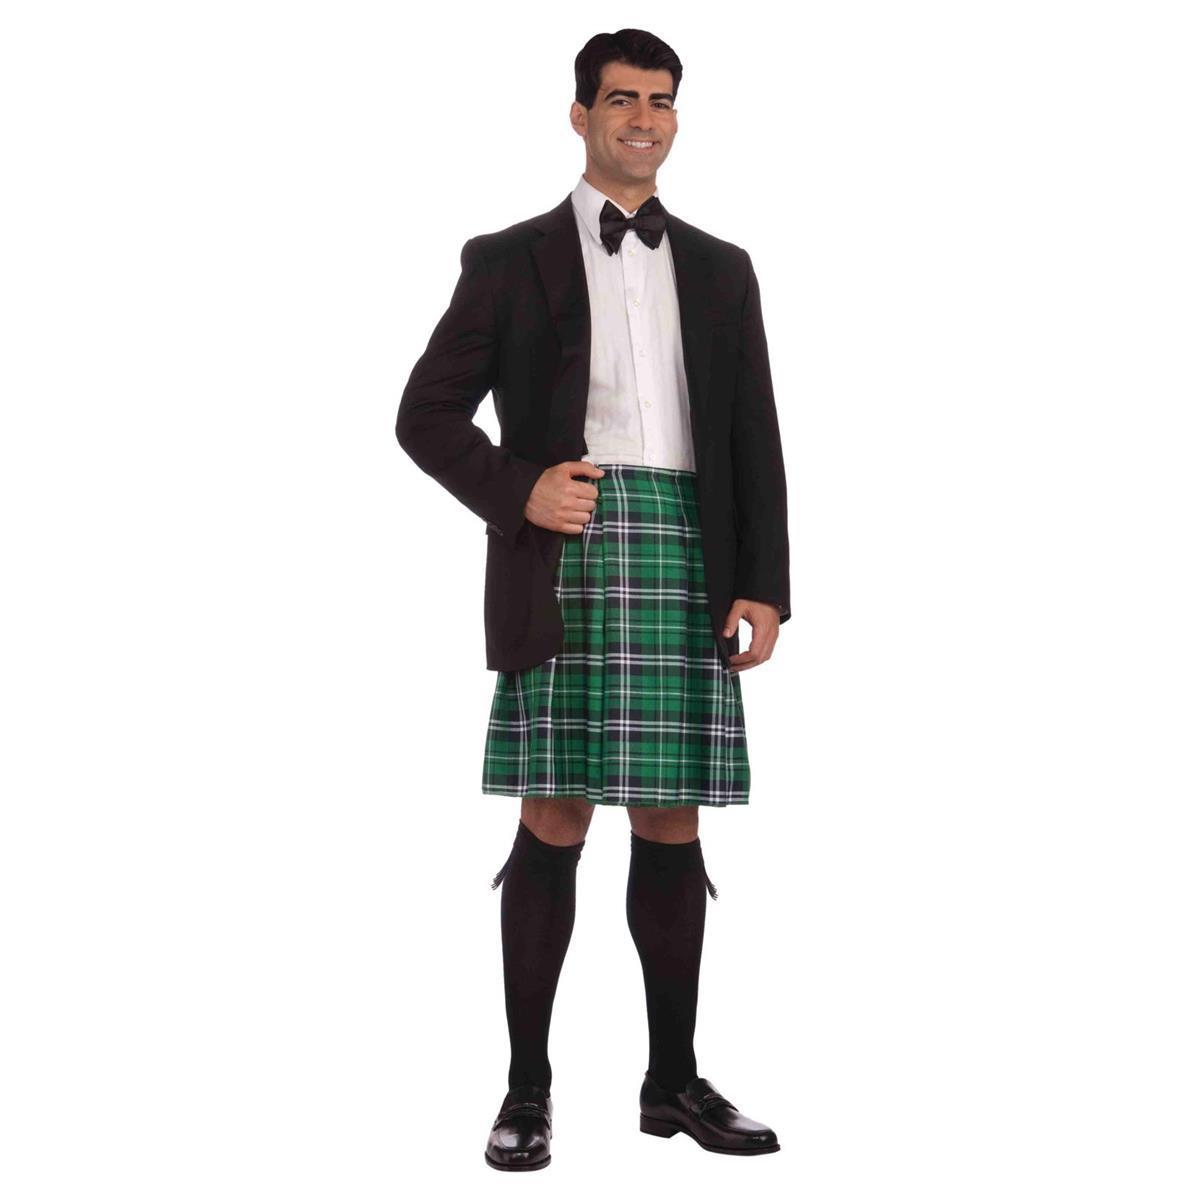 ... 紳士 男性用キルト スカート